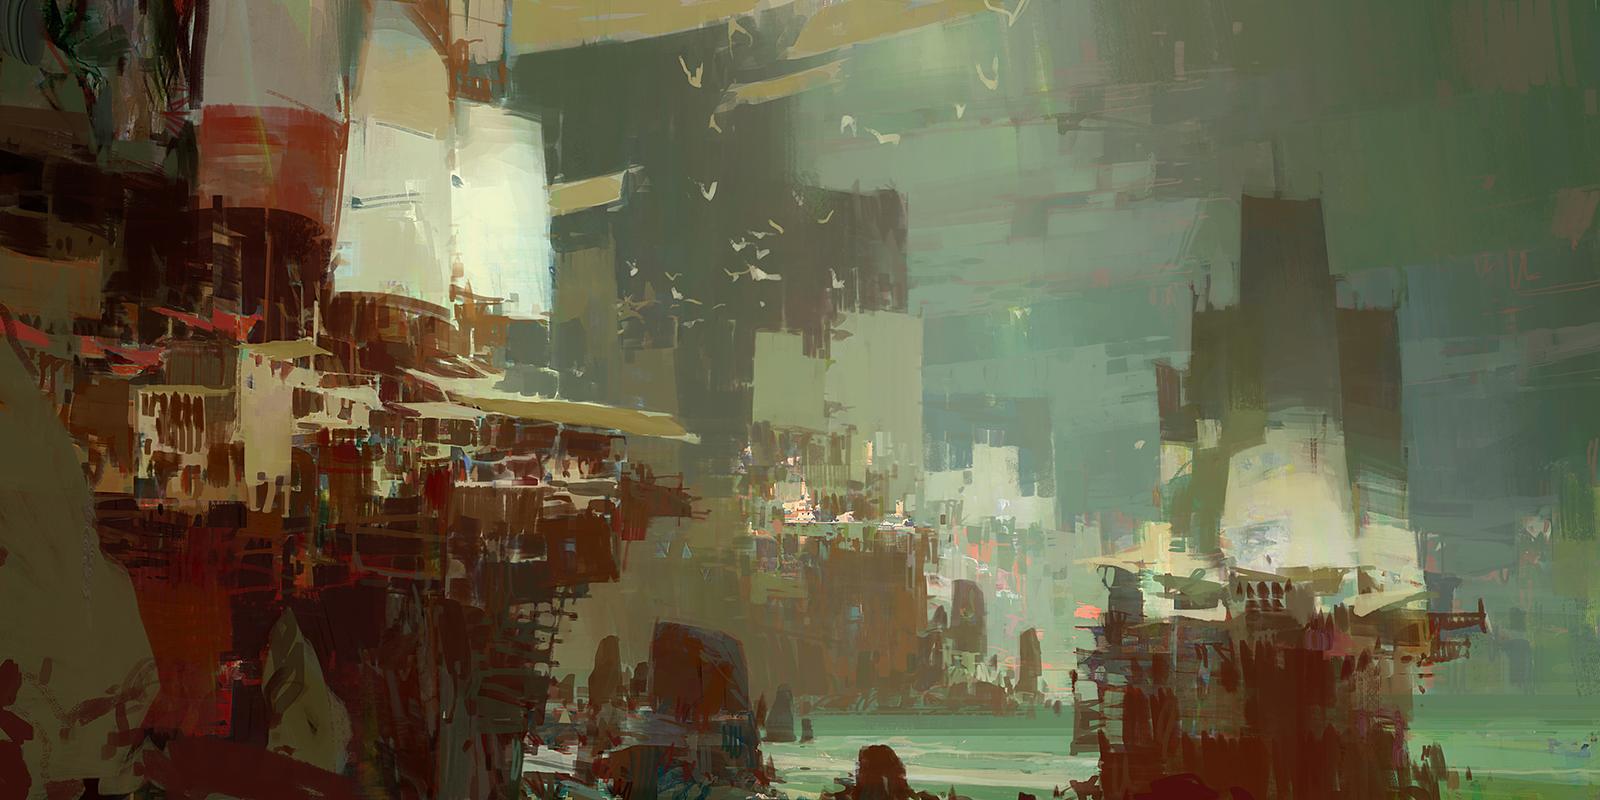 Kite City 4 - Guild Wars 2 by artbytheo